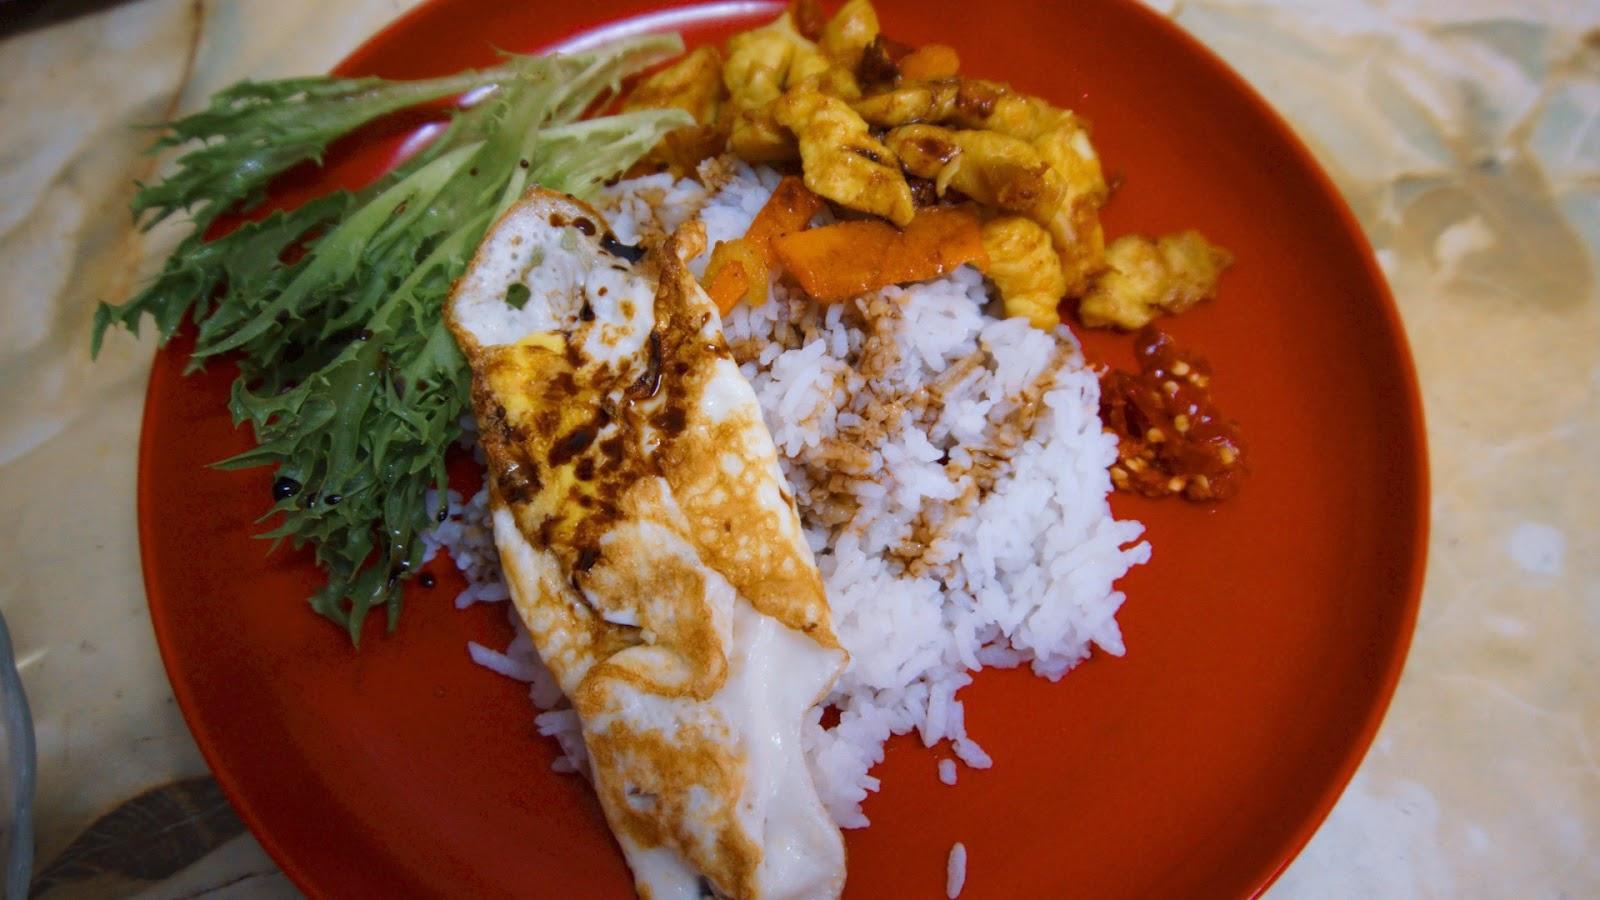 Resepi Ayam Goreng Kunyit Crispy - Nice Info d